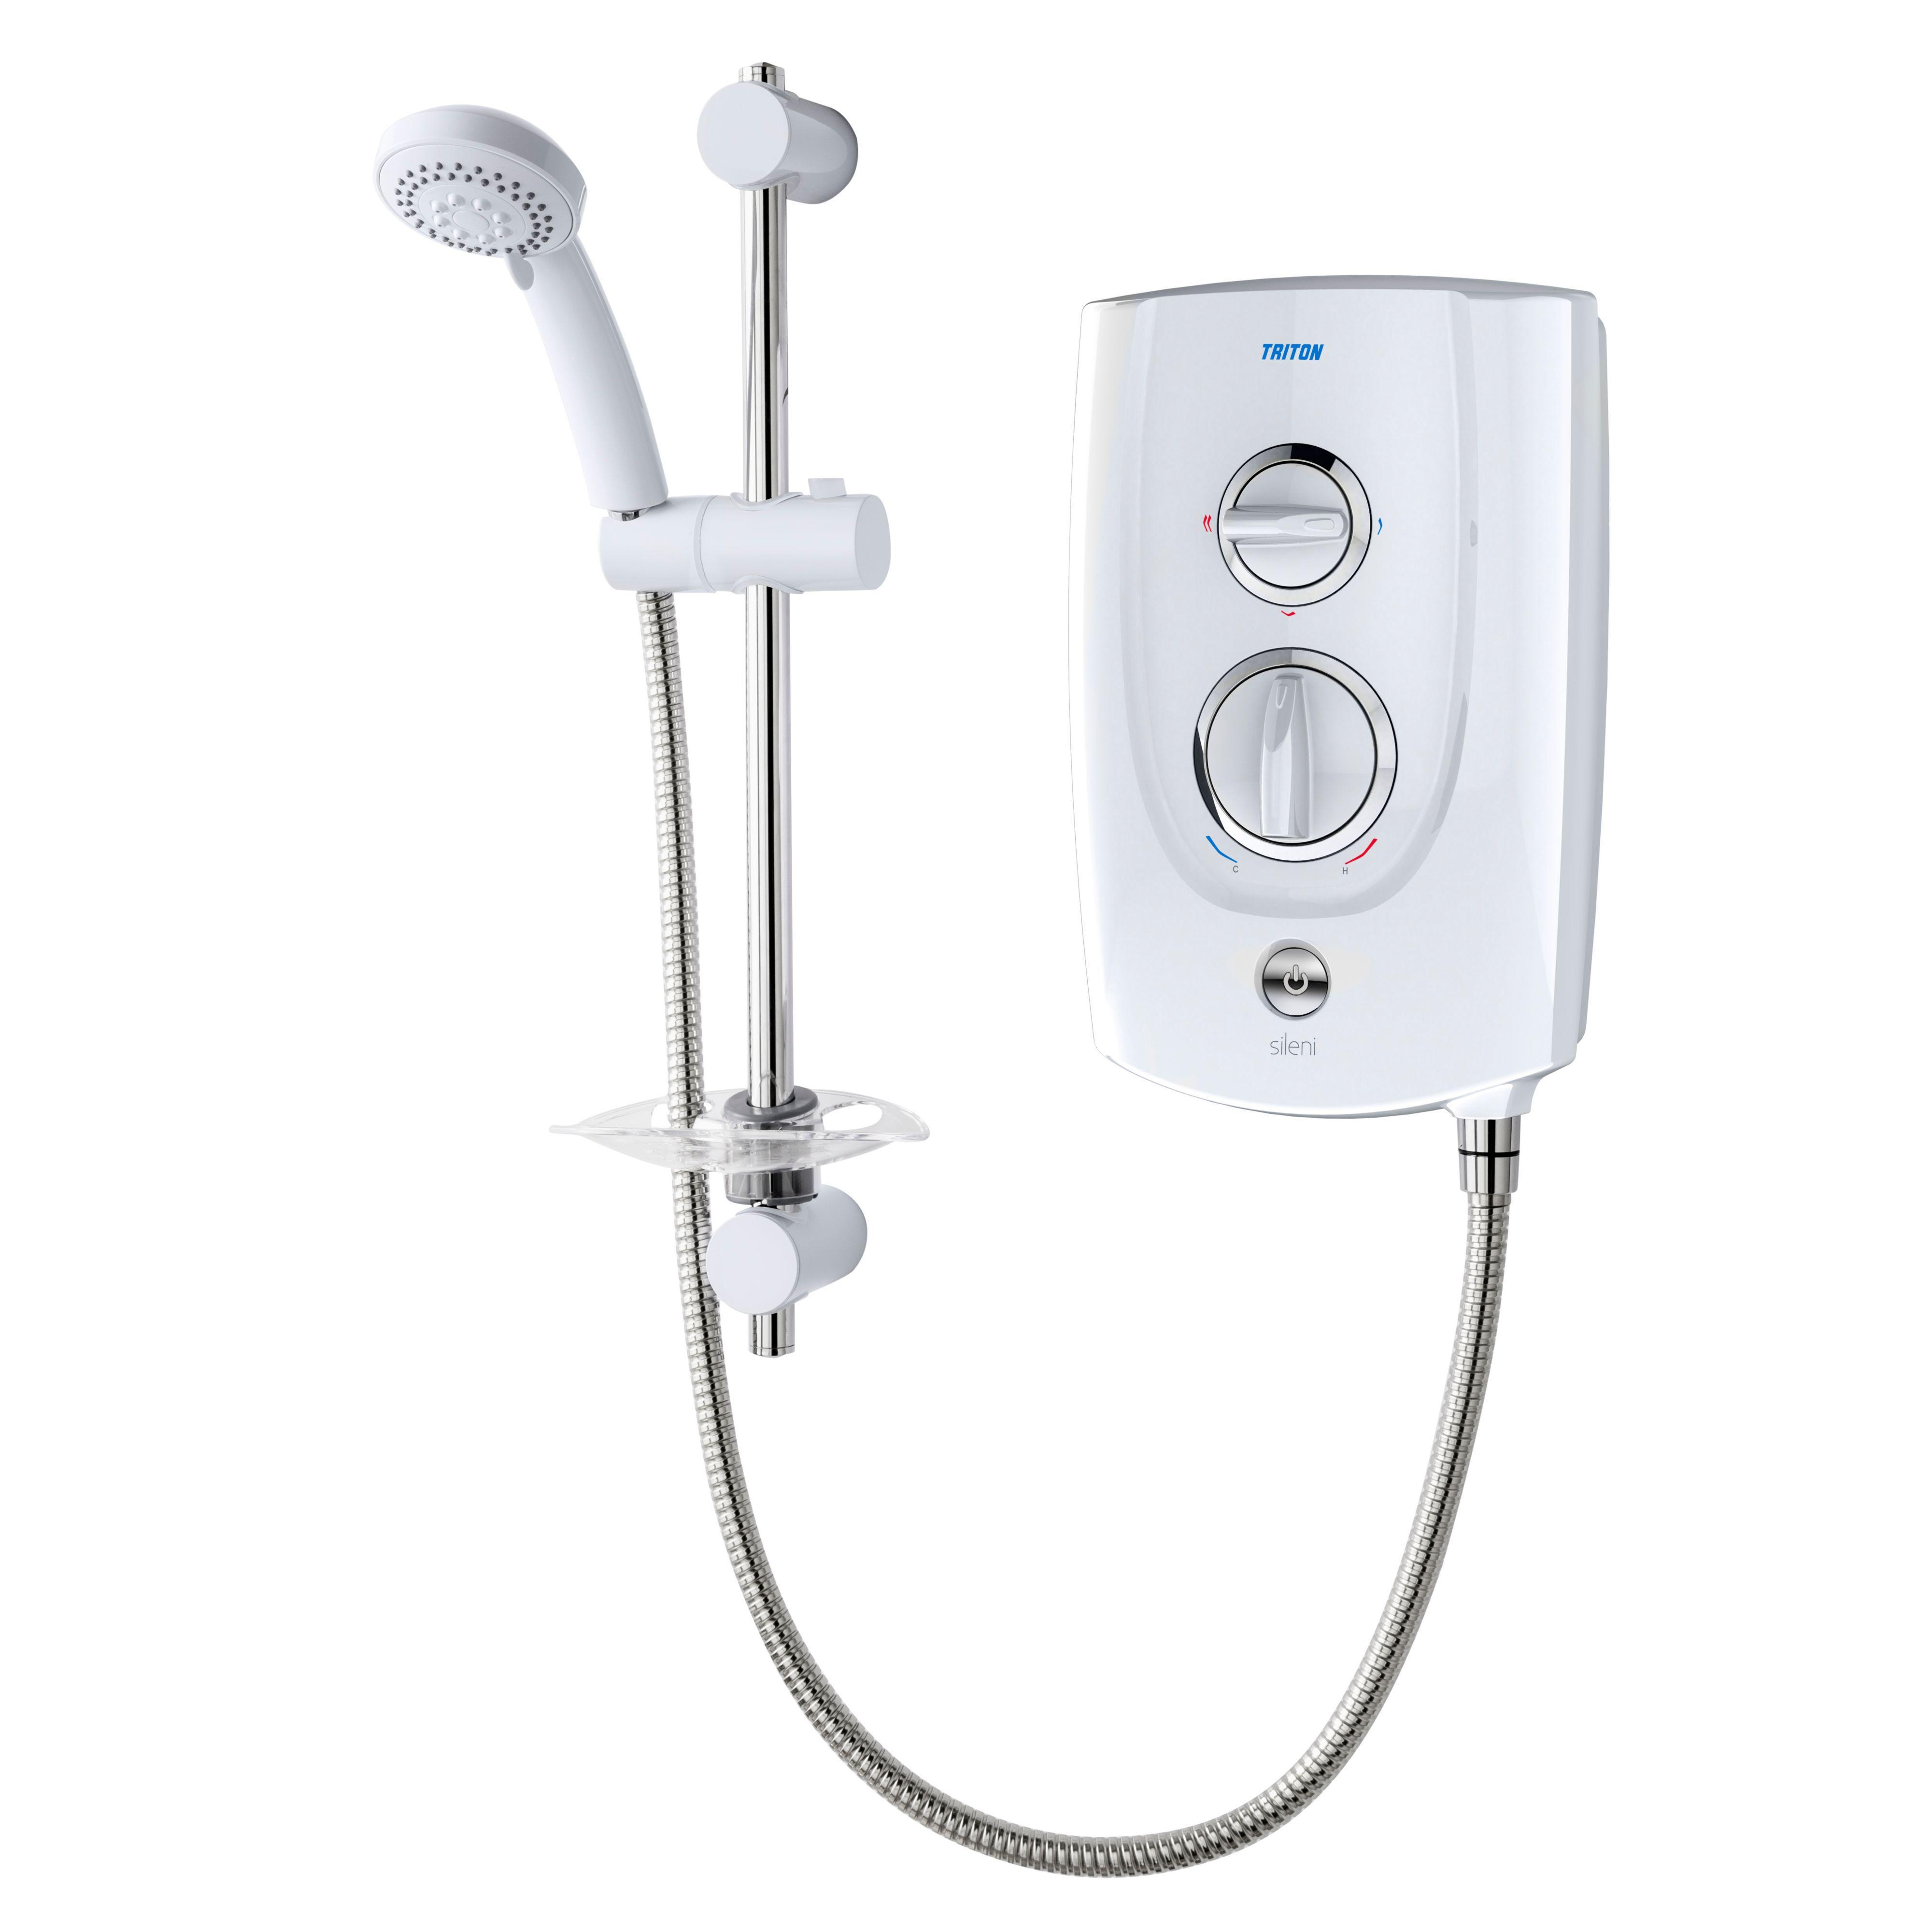 Triton Sileni 8.5kw Electric Shower, White & Chrome